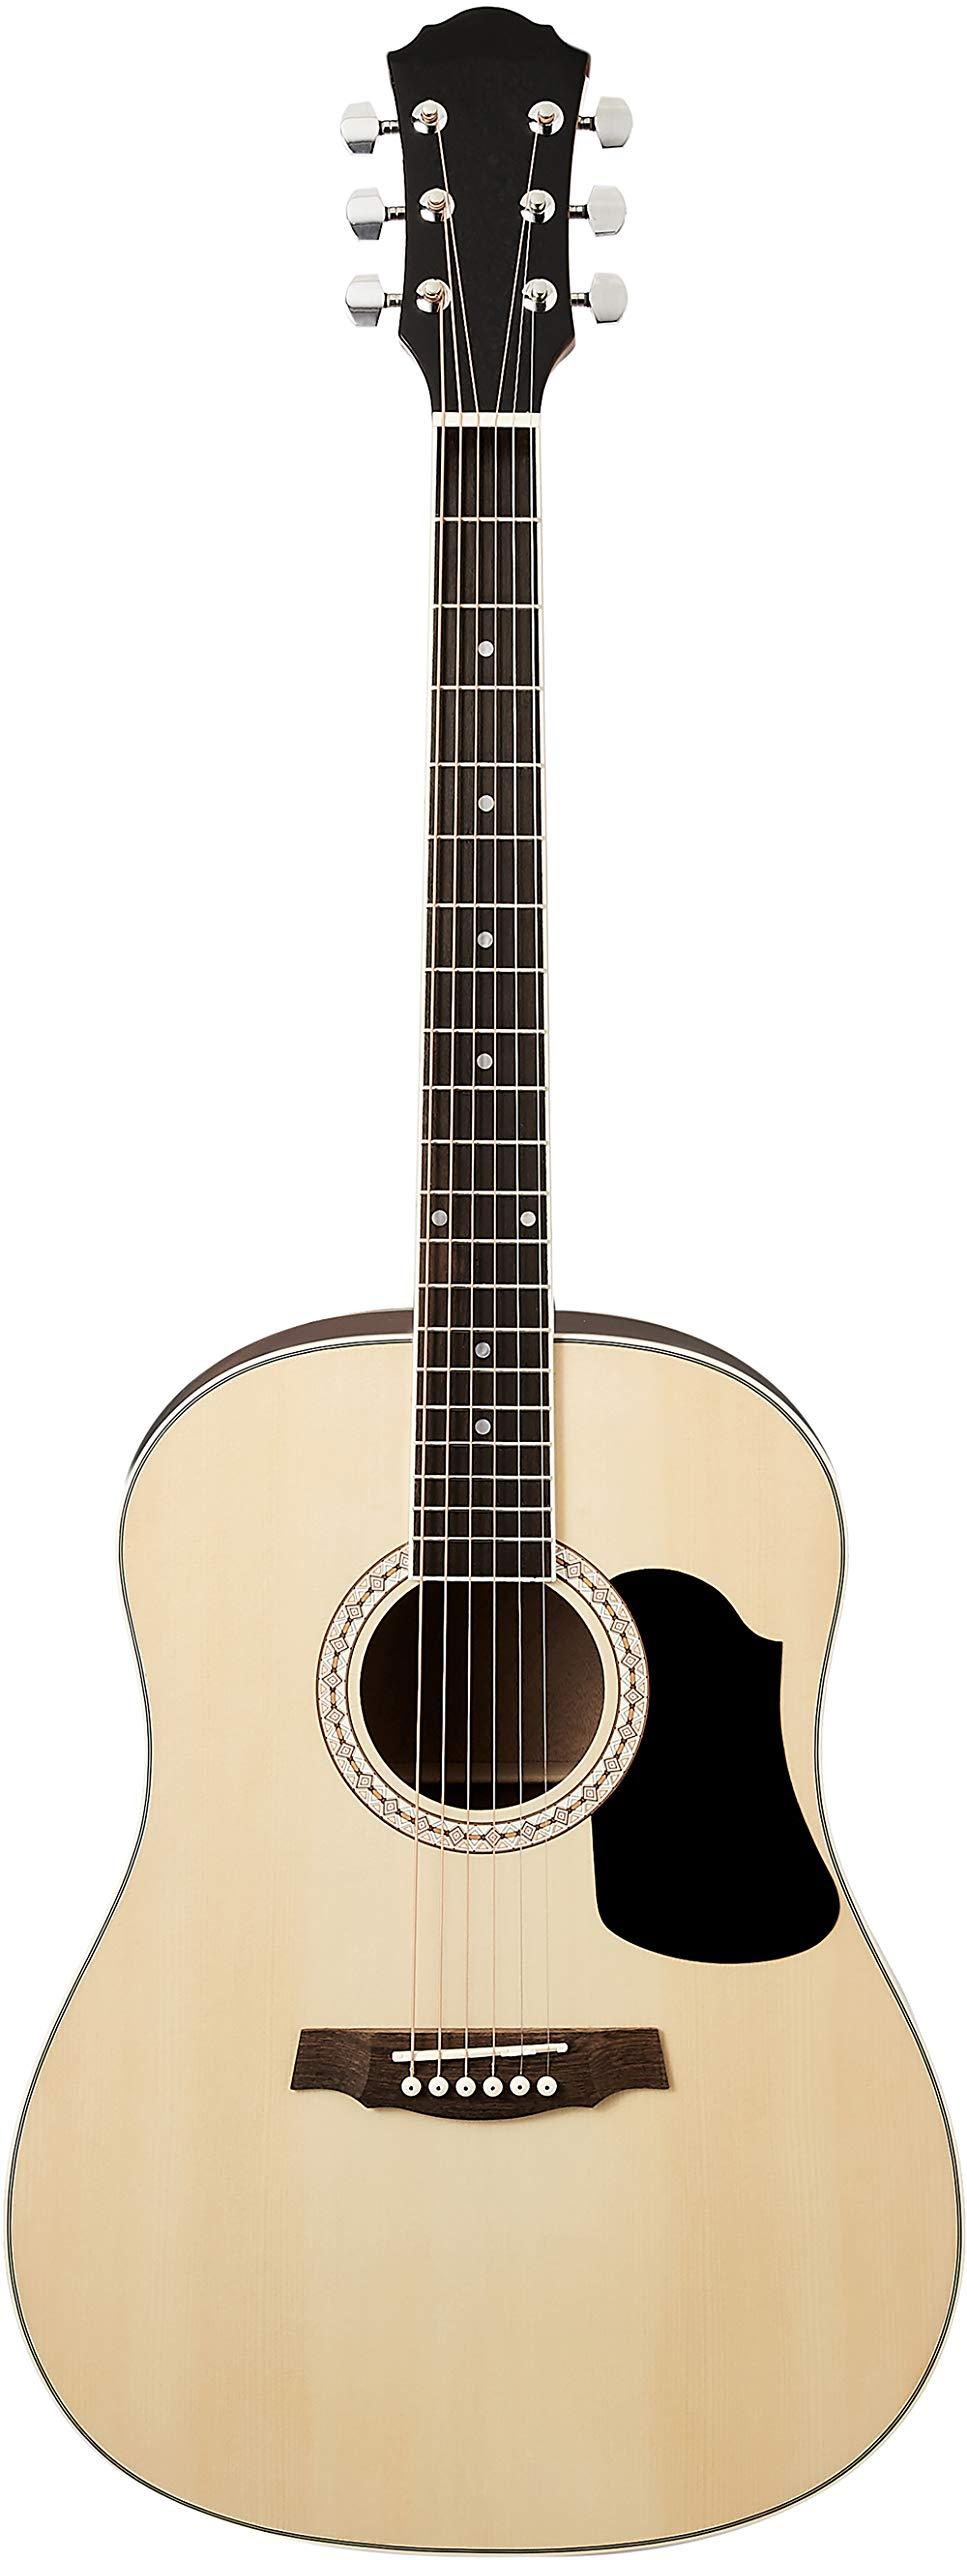 AmazonBasics Beginner Acoustic Guitar Strings